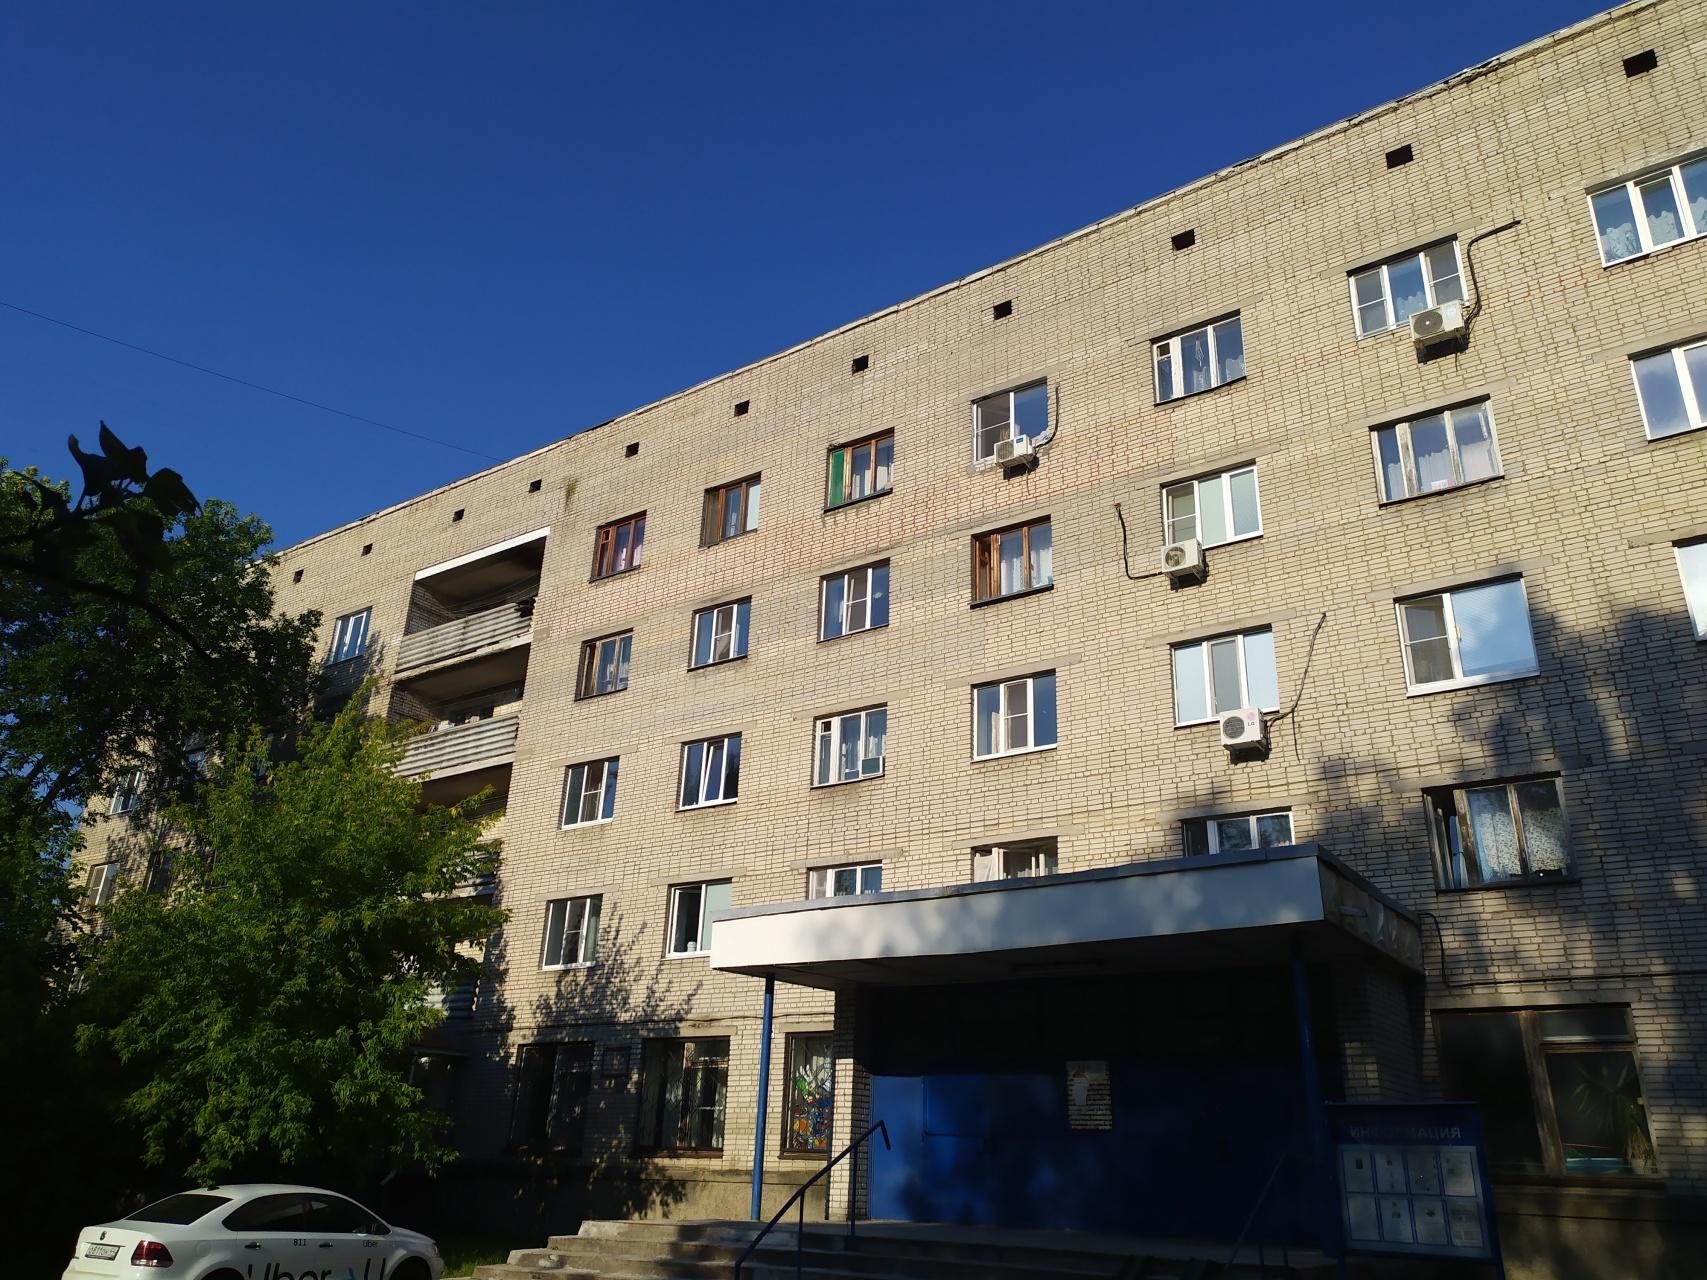 Юрьевец мкр., Институтский городок, 9, комната на продажу